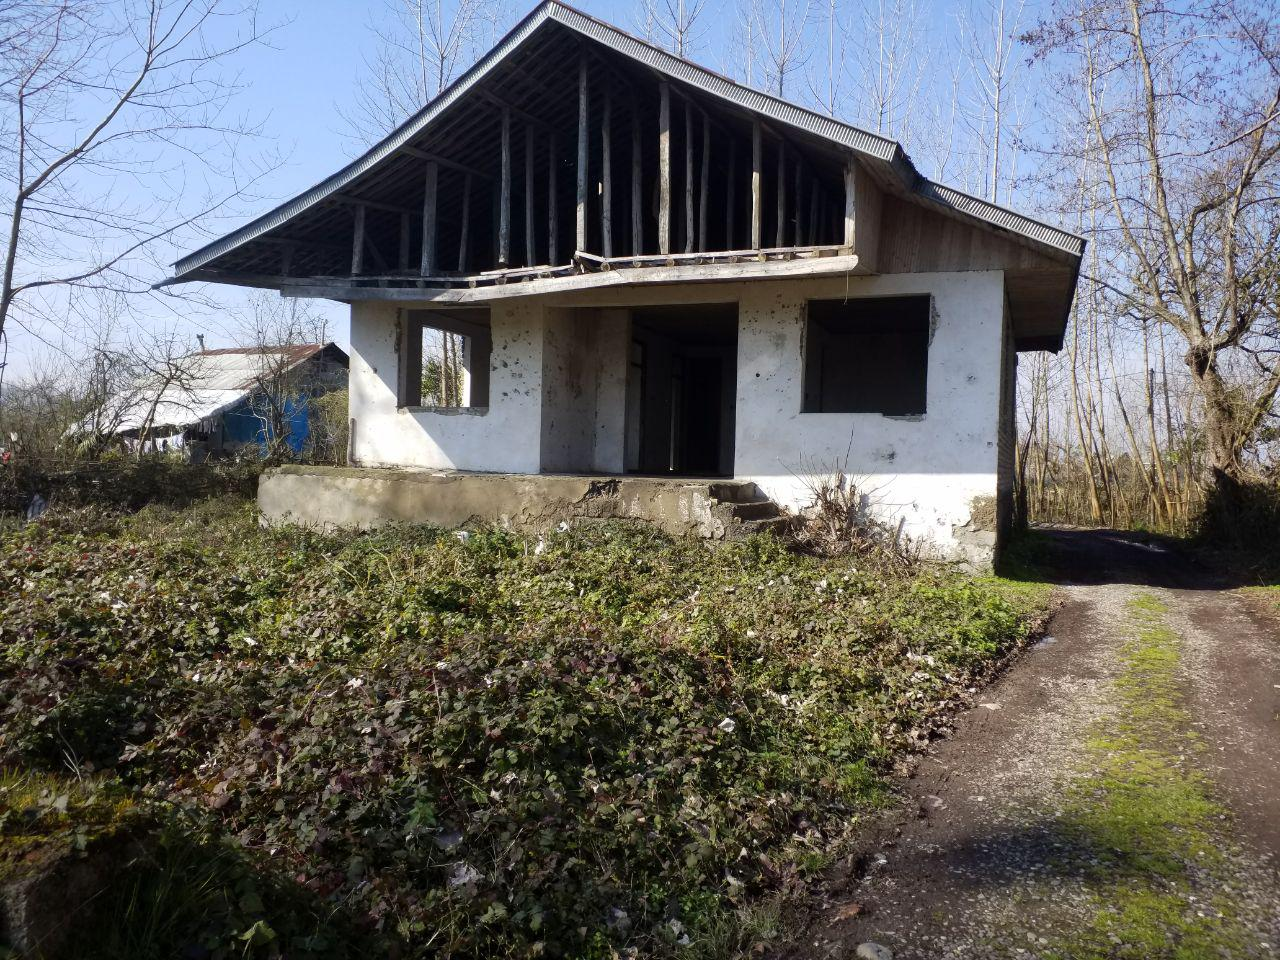 فروش خانه کلنگی گیلان